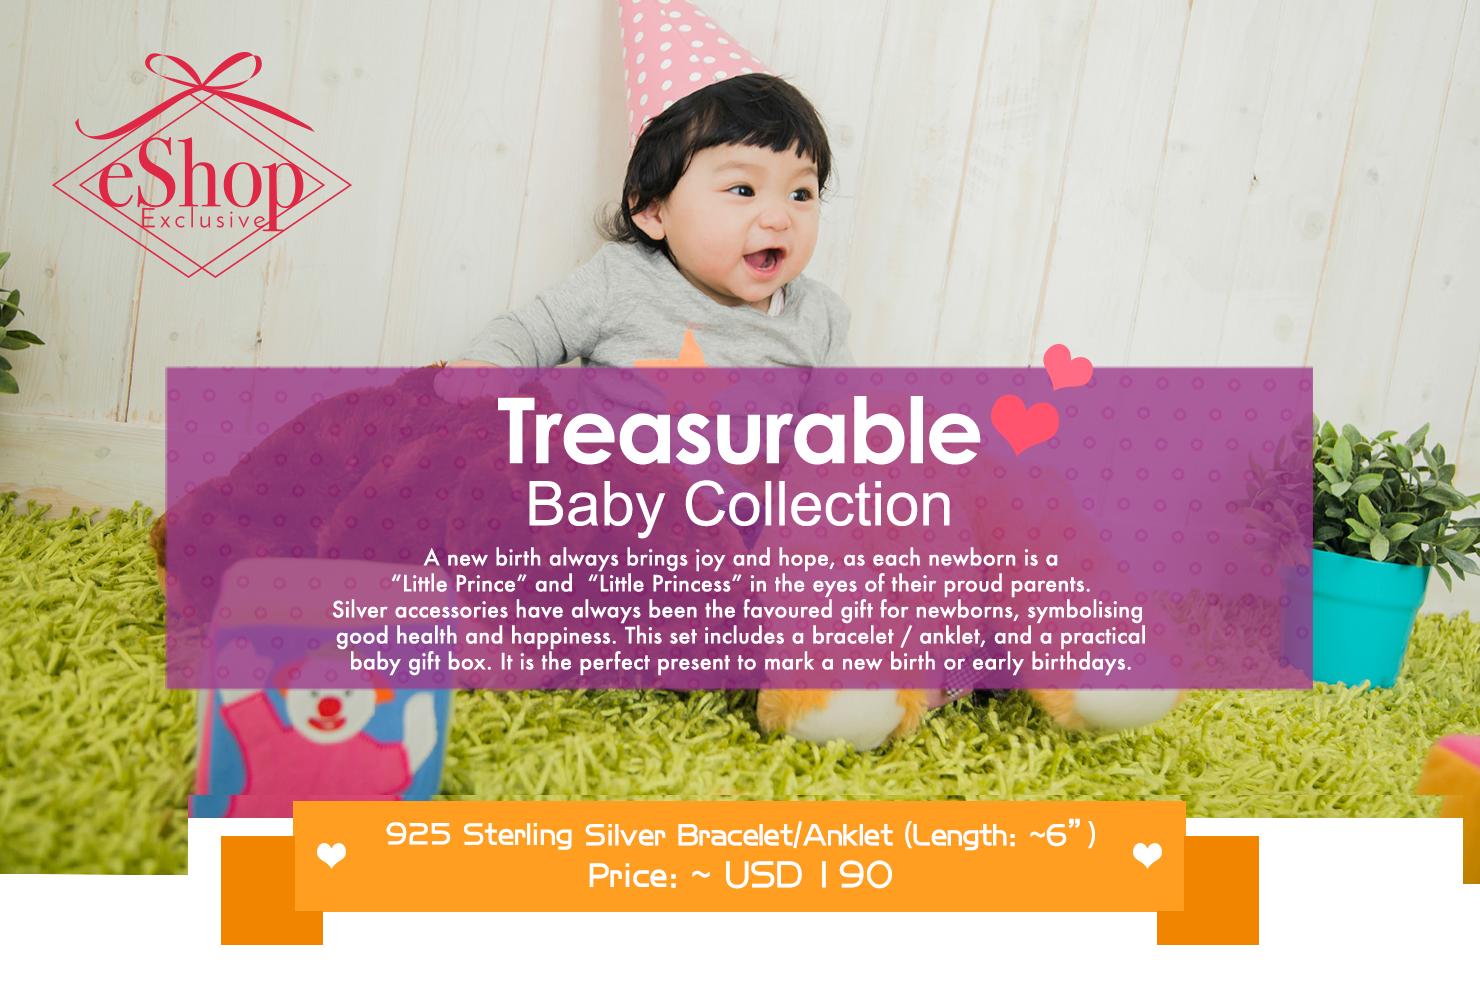 Treasurable Baby Gifting Collection